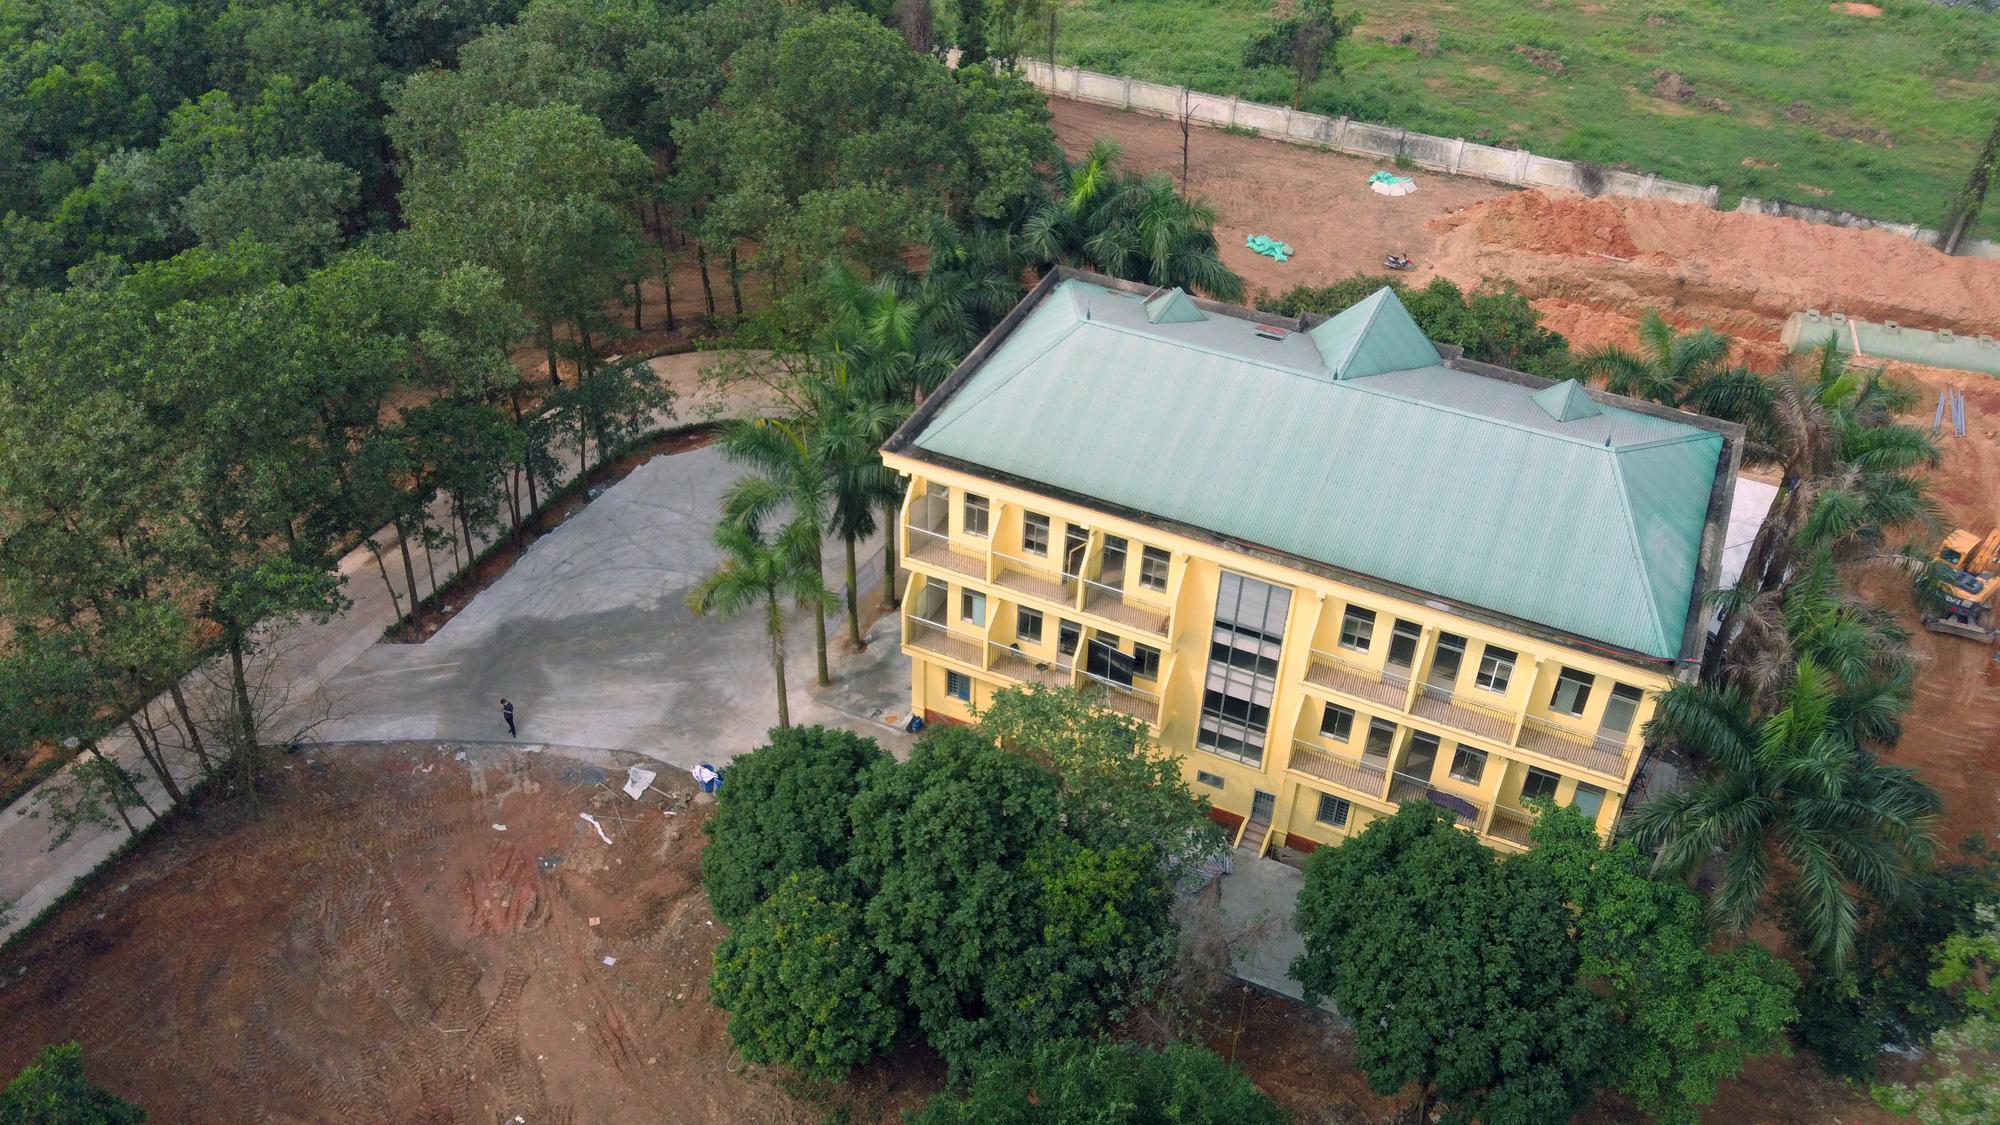 Hà Nội sửa xong bệnh viện bỏ hoang ở Mê Linh làm khu cách li chống dịch Covid-19 - Ảnh 18.